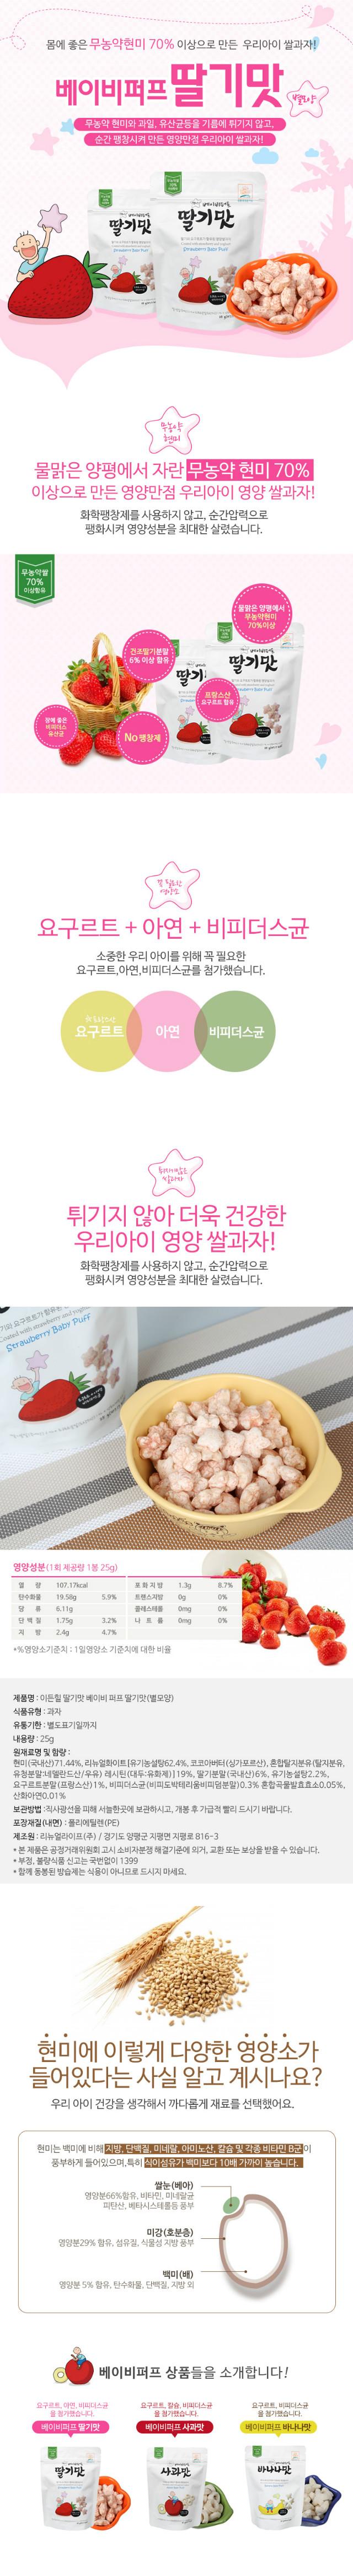 베이비퍼프 딸기.jpg